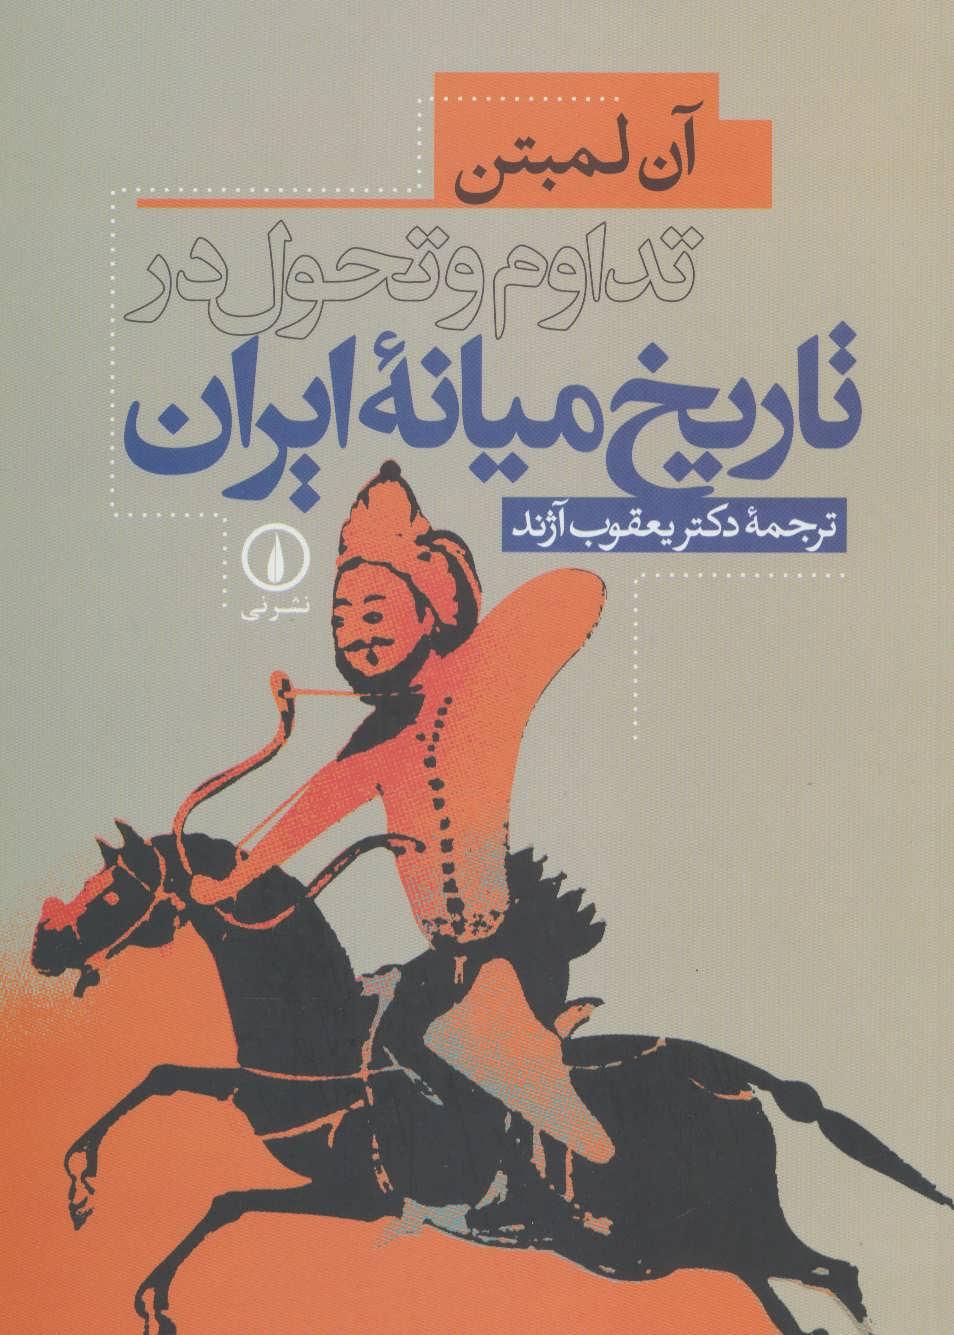 کتاب تداوم و تحول در تاریخ میانه ایران